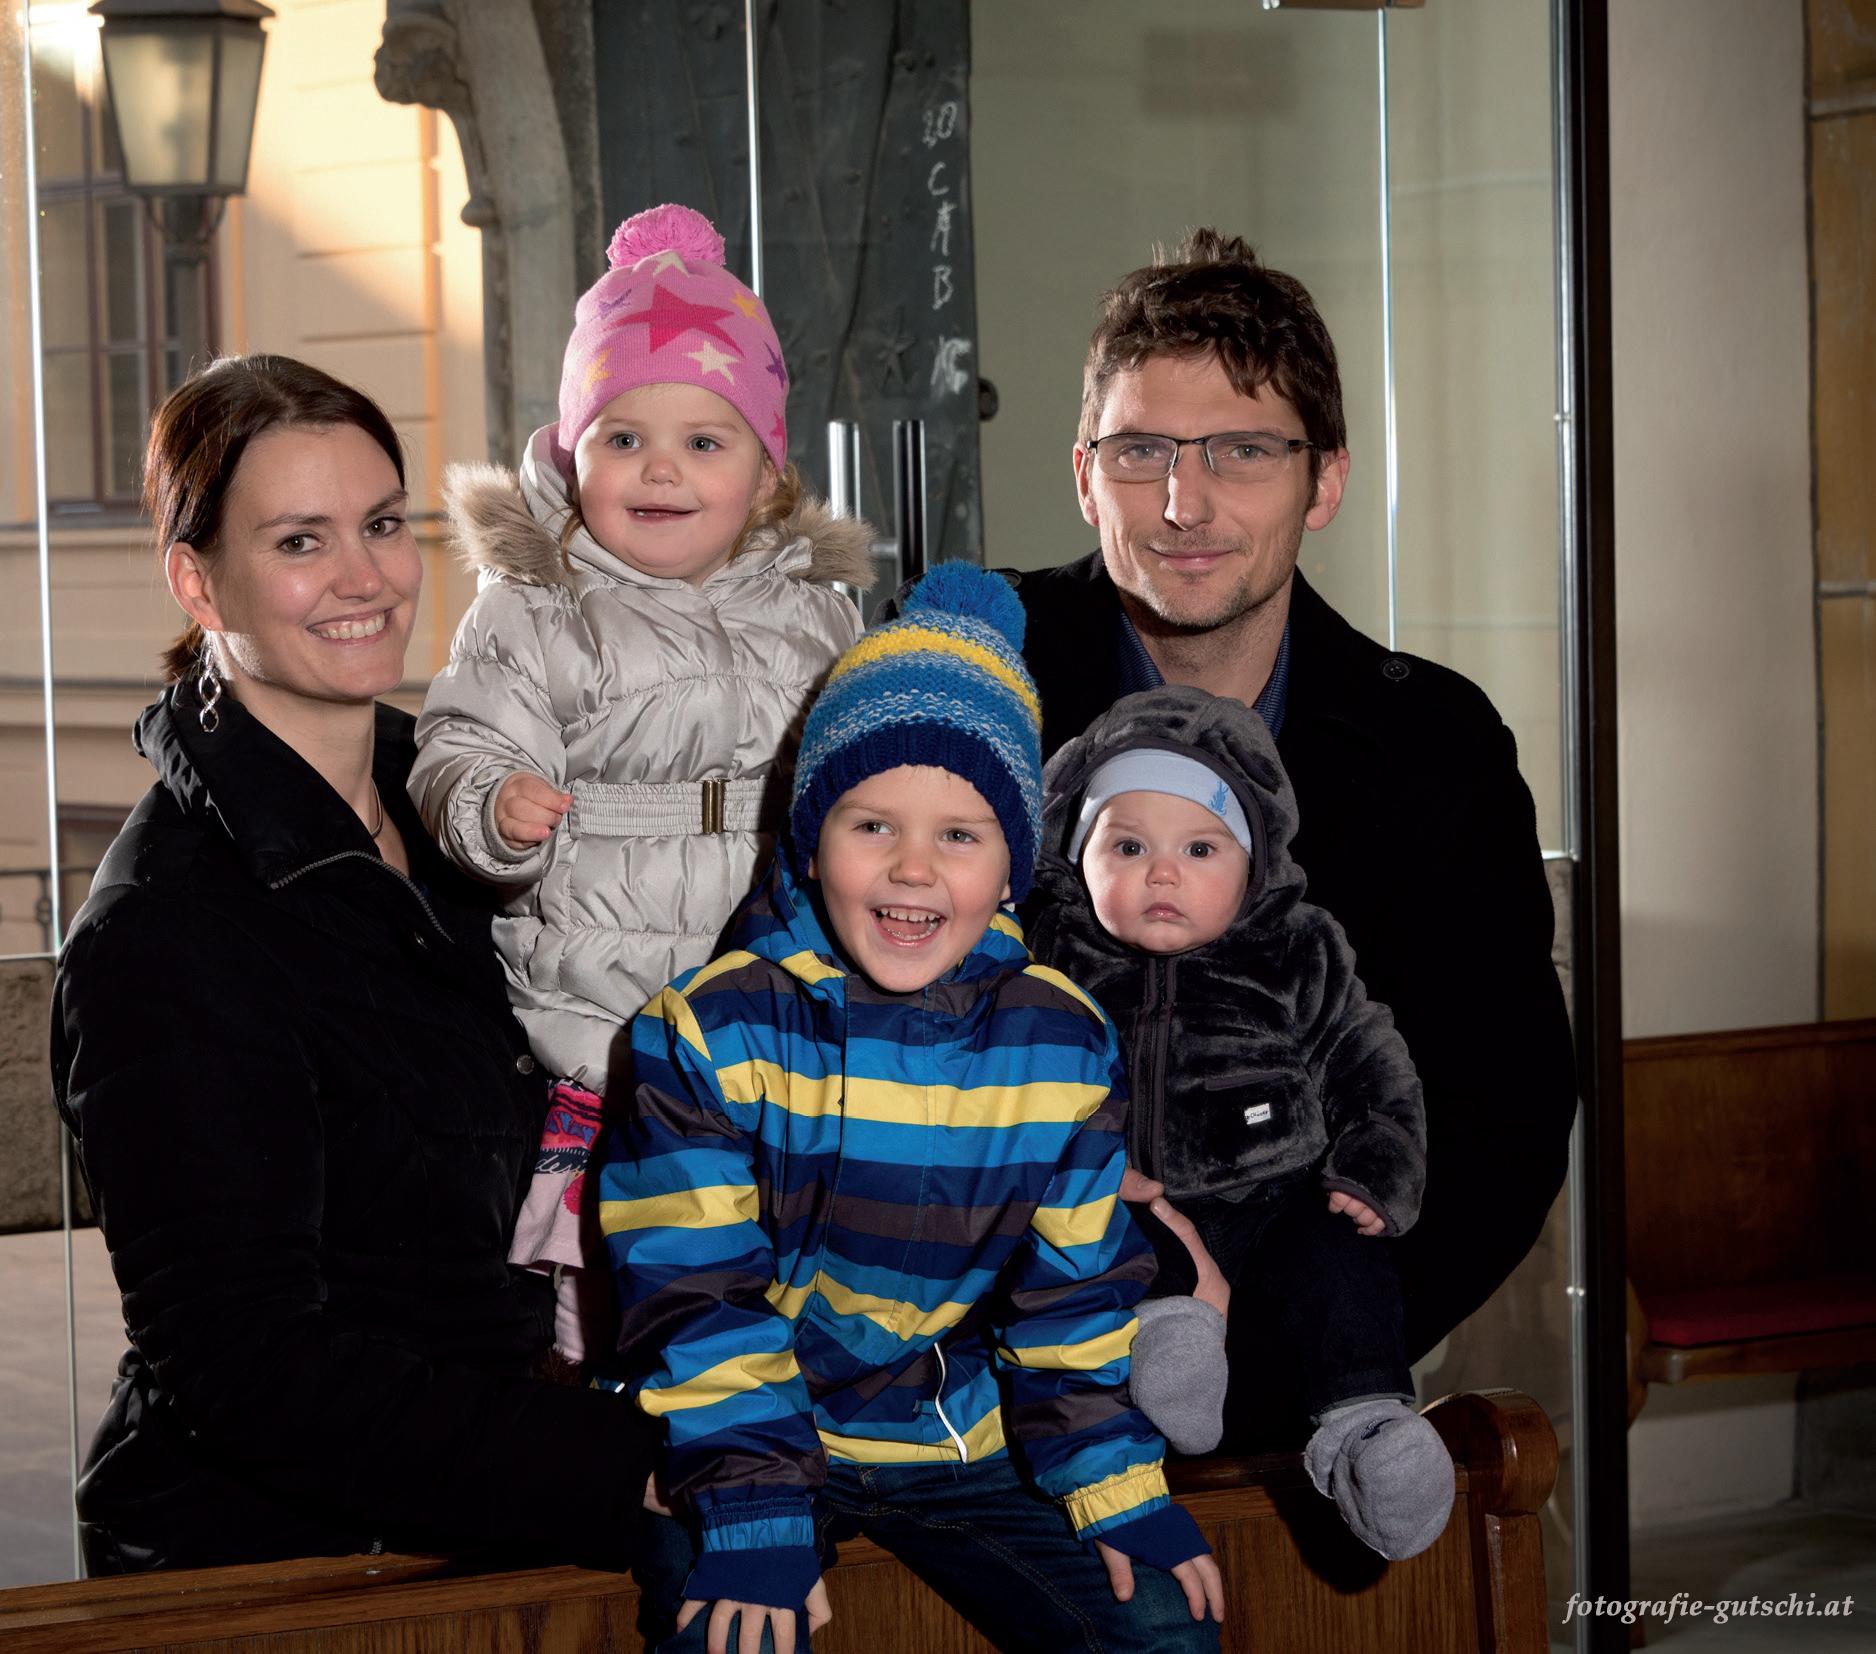 Kostbarkeiten in unseren Gotteshäusern. Eltern mit ihren Kindern